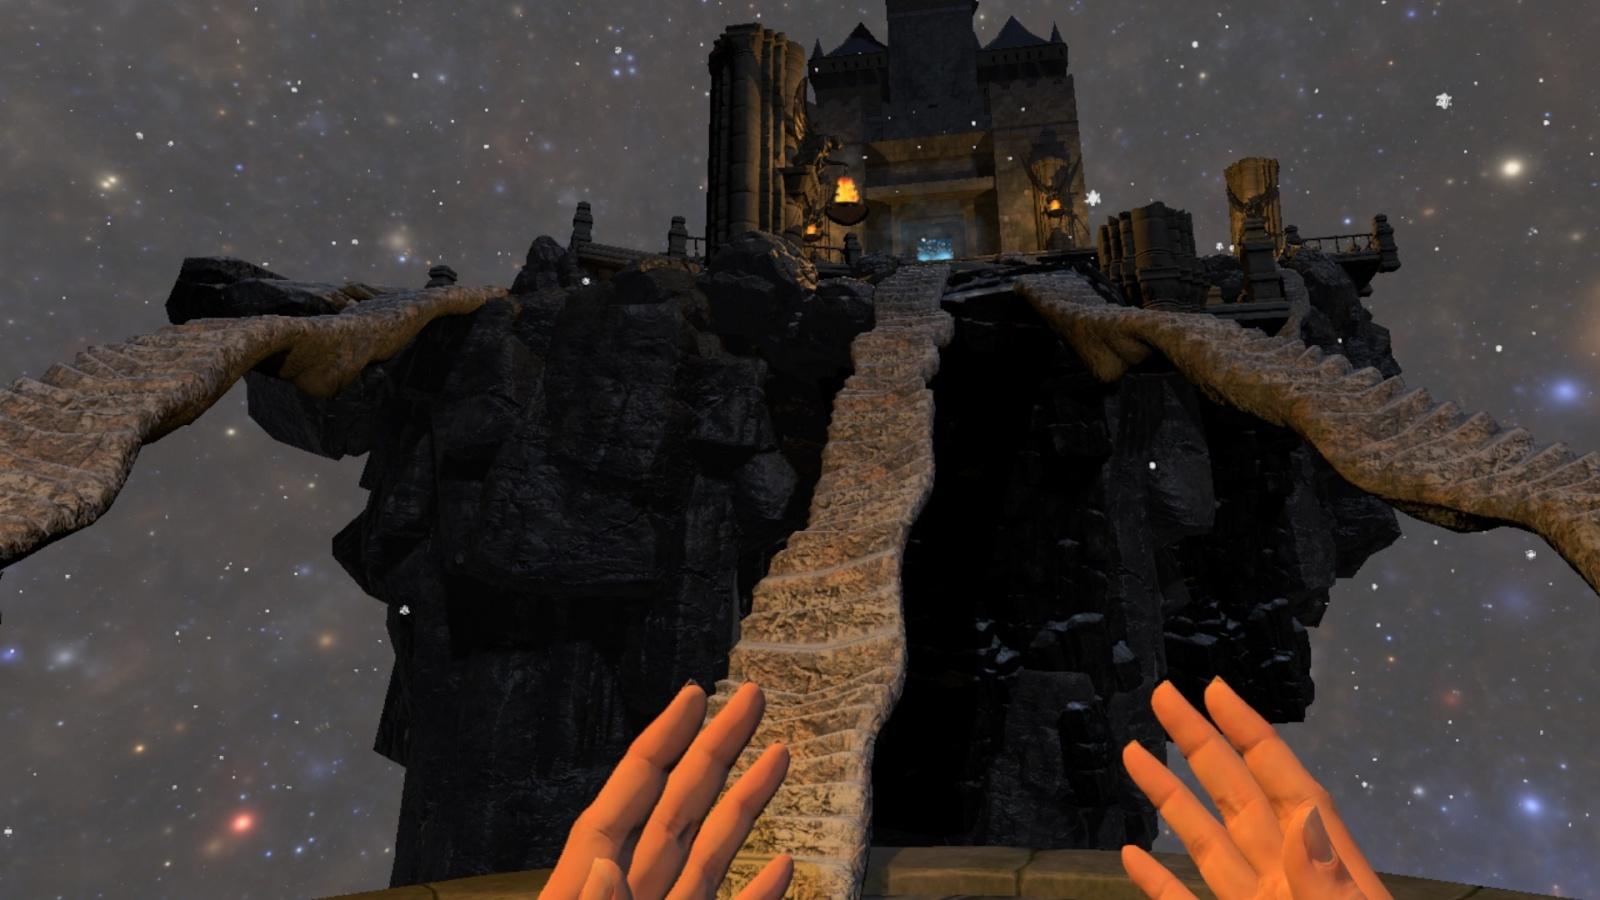 Грабли виртуального квеста, часть первая: гейм-дизайн, разработчики, выбор шлема - 3